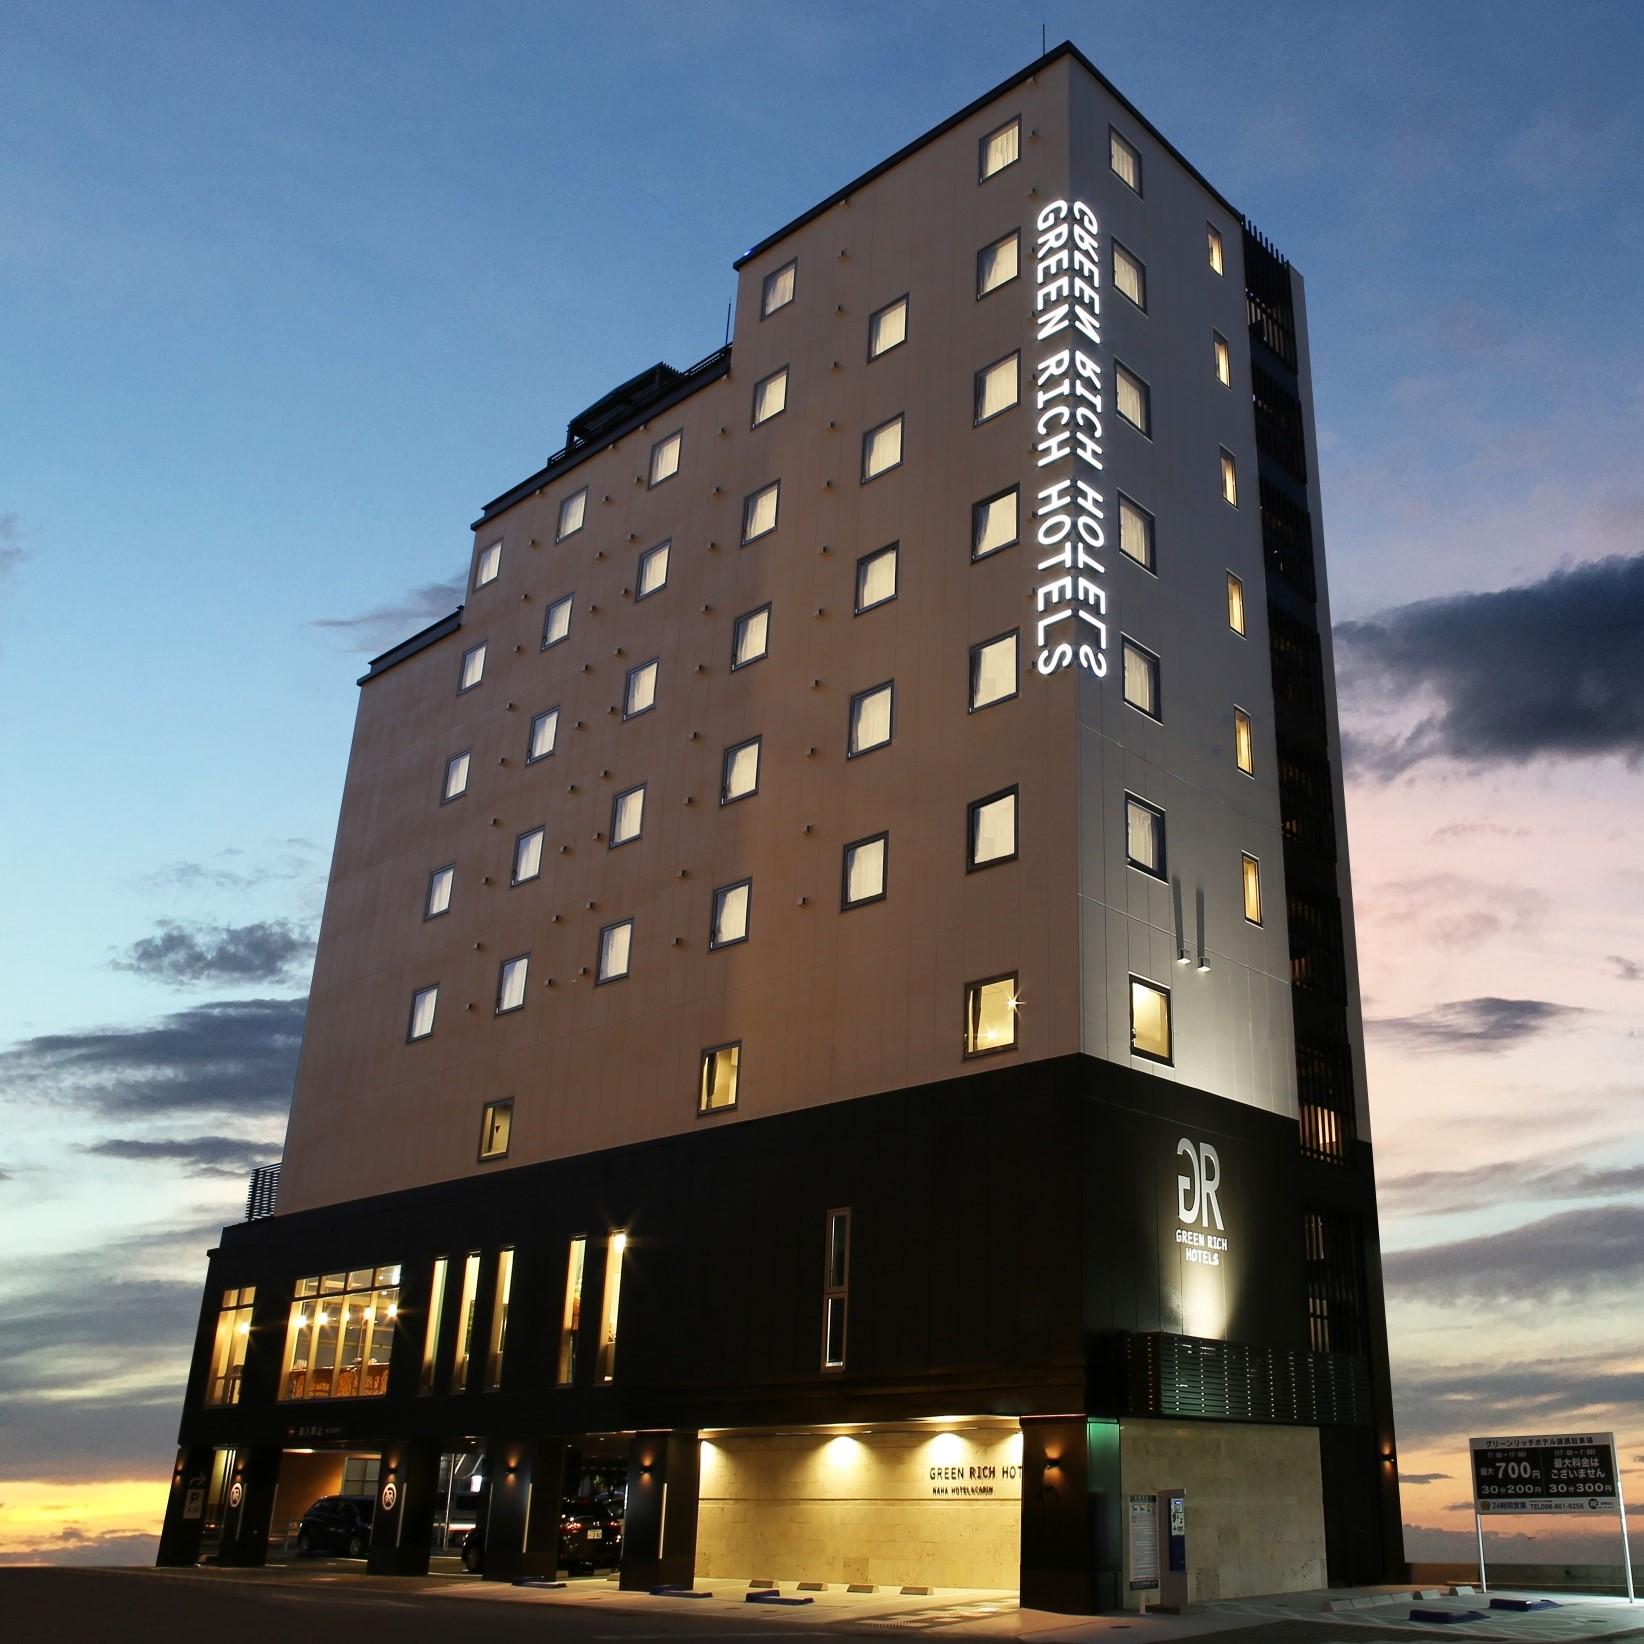 グリーン リッチ ホテル グリーンリッチホテル 広島新幹線口|グリーンリッチホテルズ